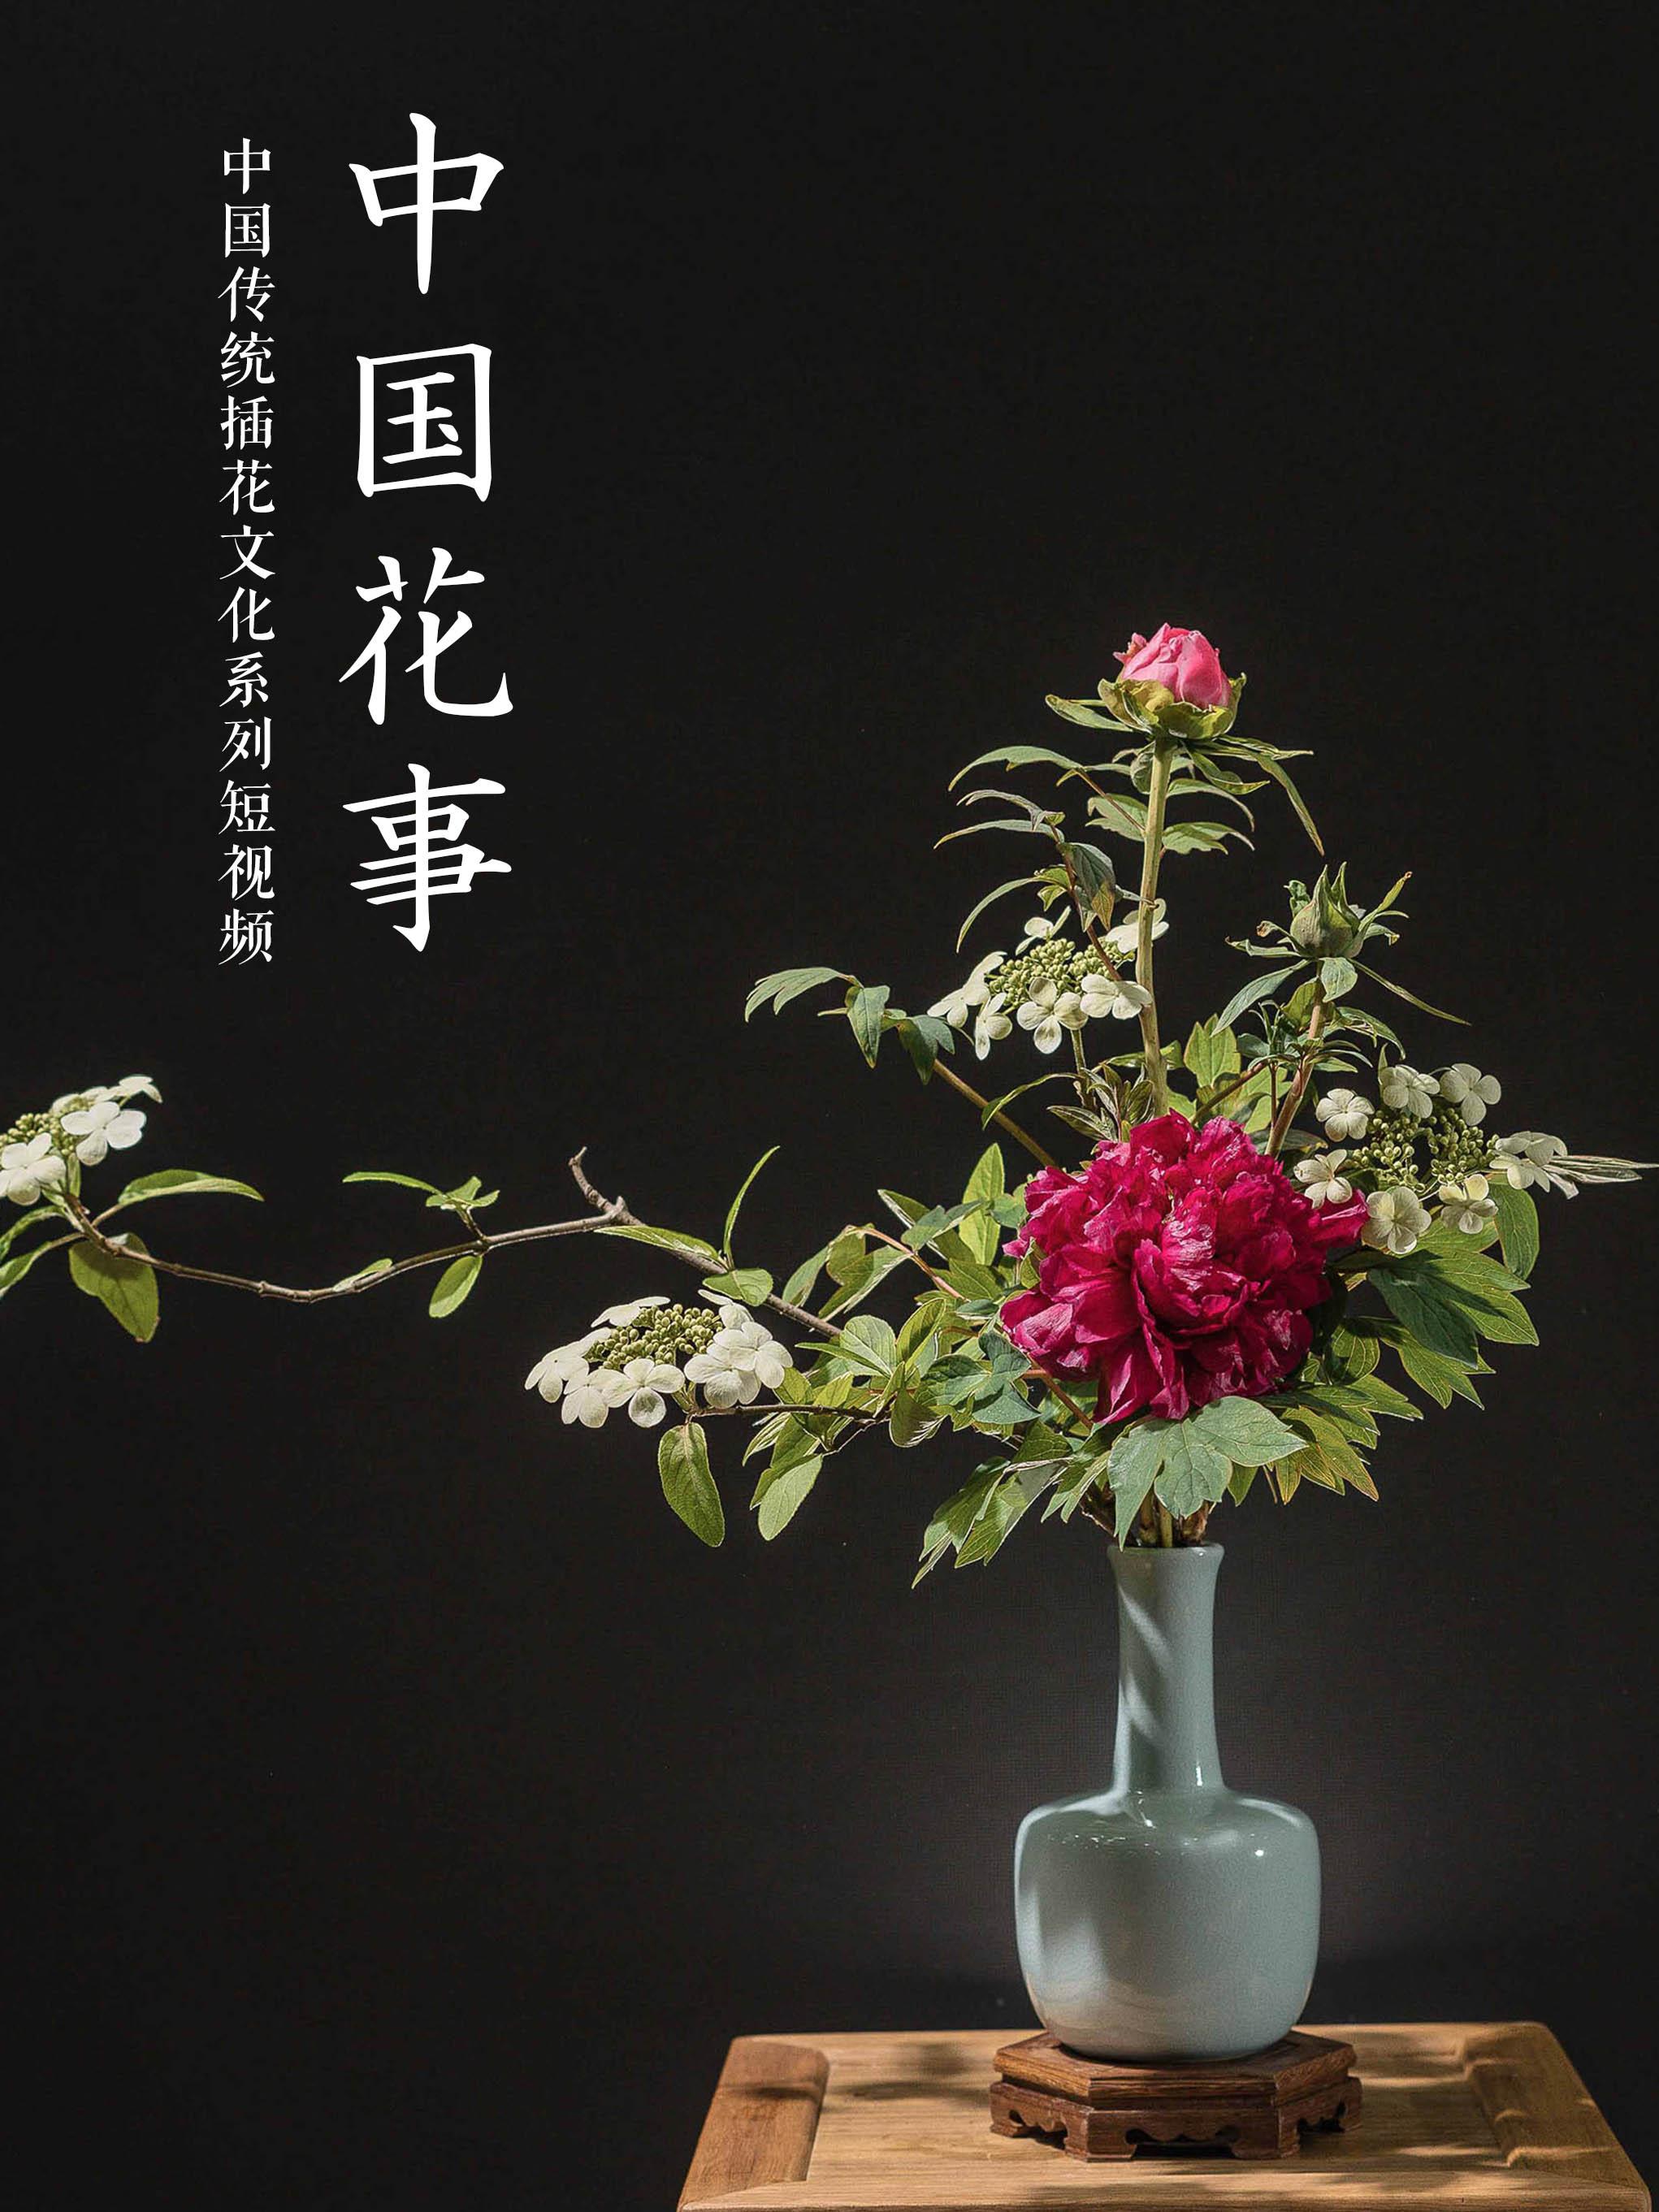 中国花事02sss